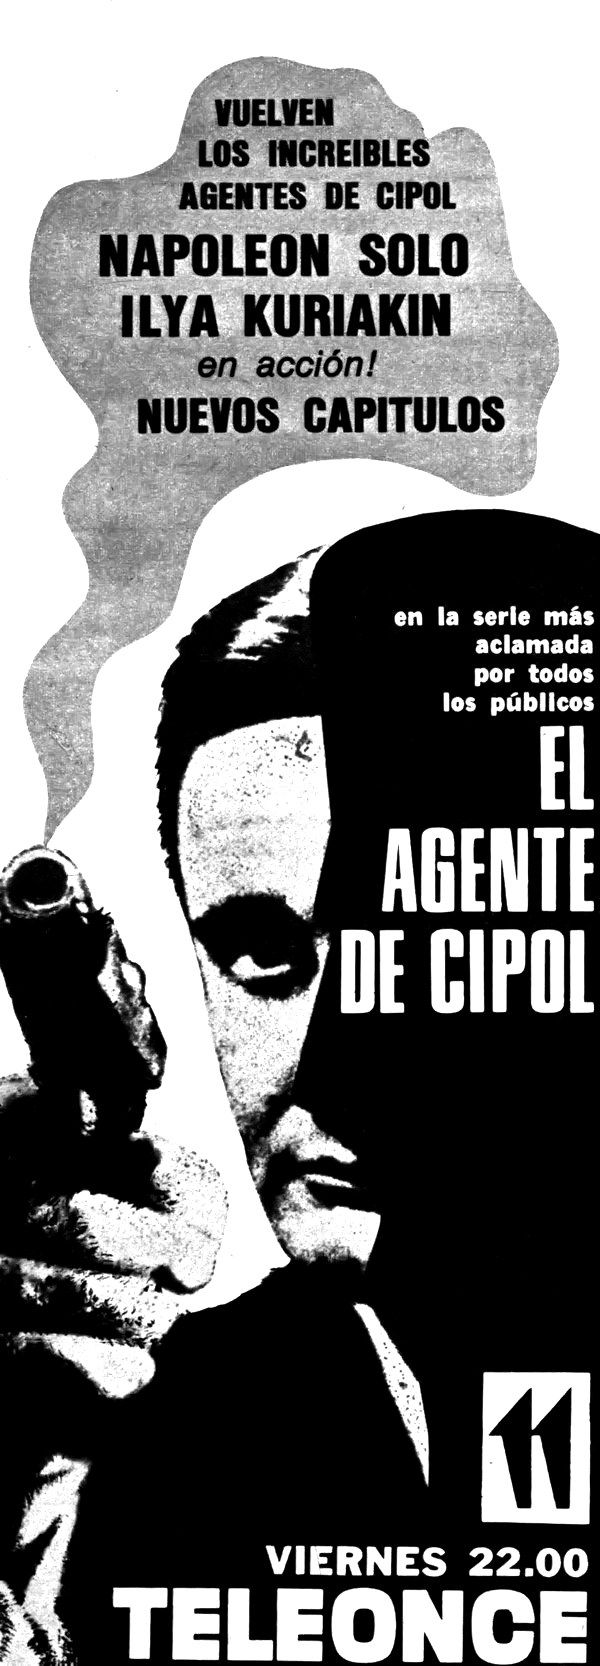 Publicidad de programación. CANAL 11, Buenos Aires, década del 60.